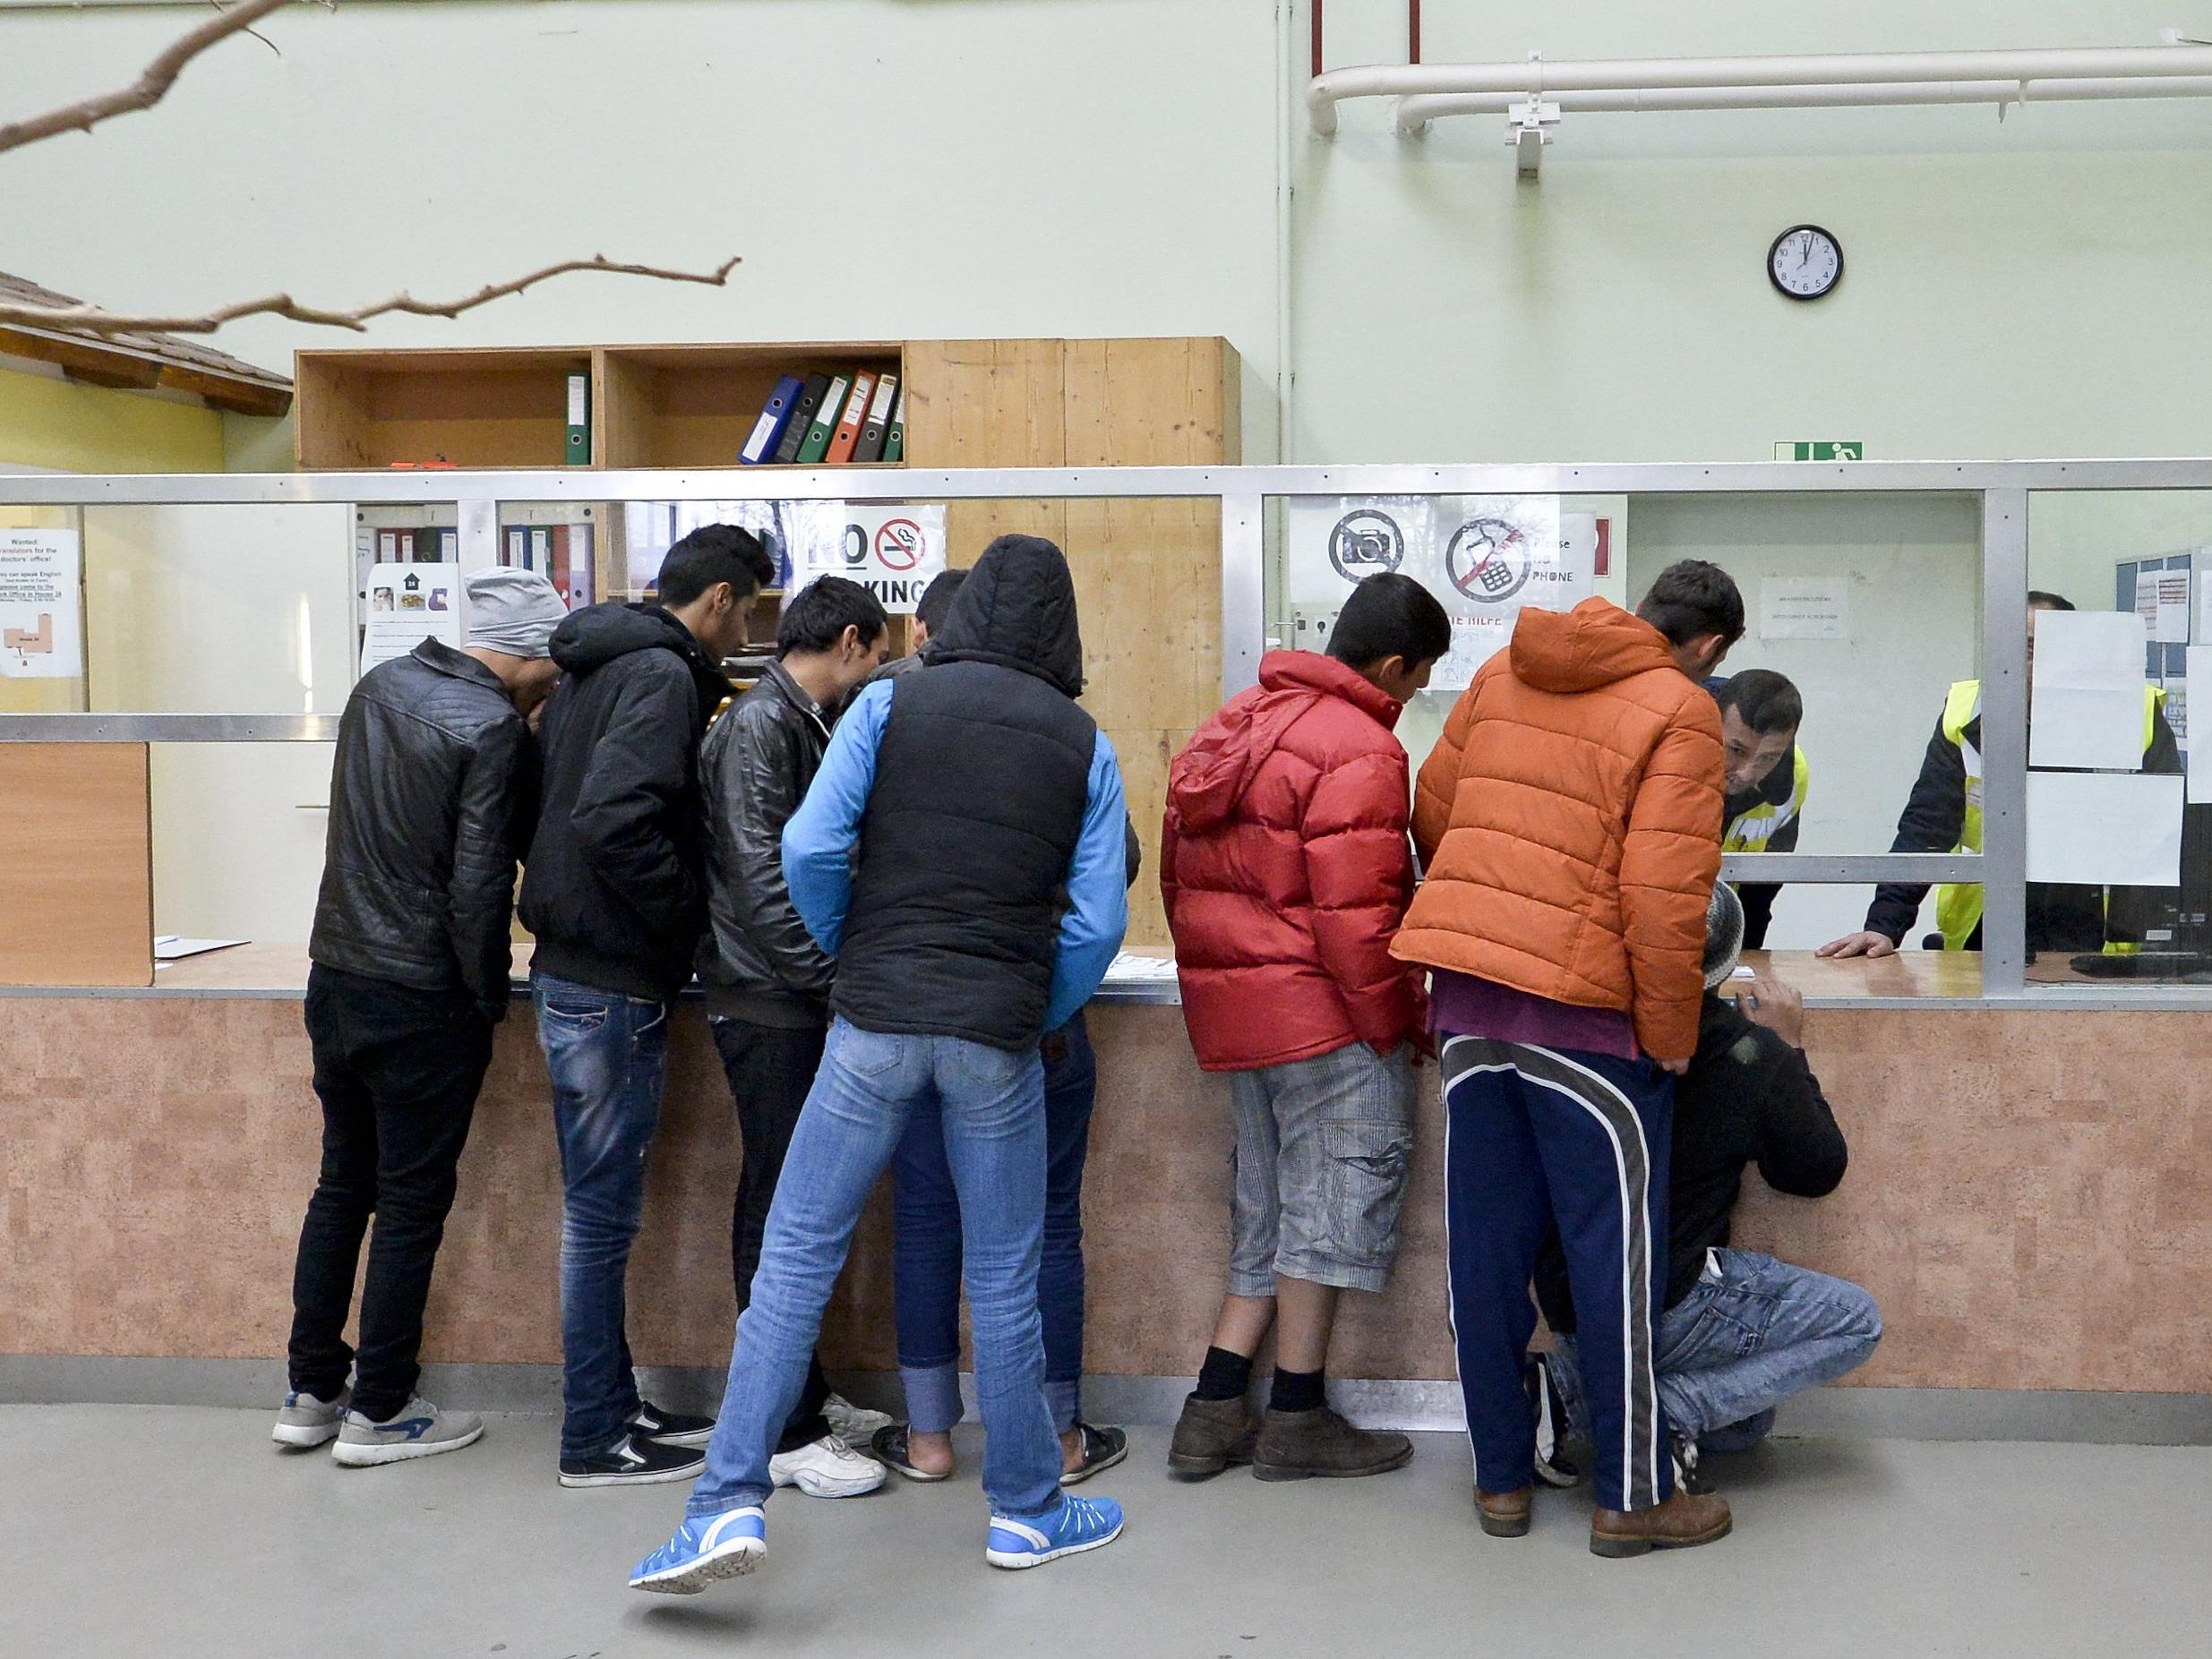 Hält der Abwärtstrend bei den Asylanträgen an?